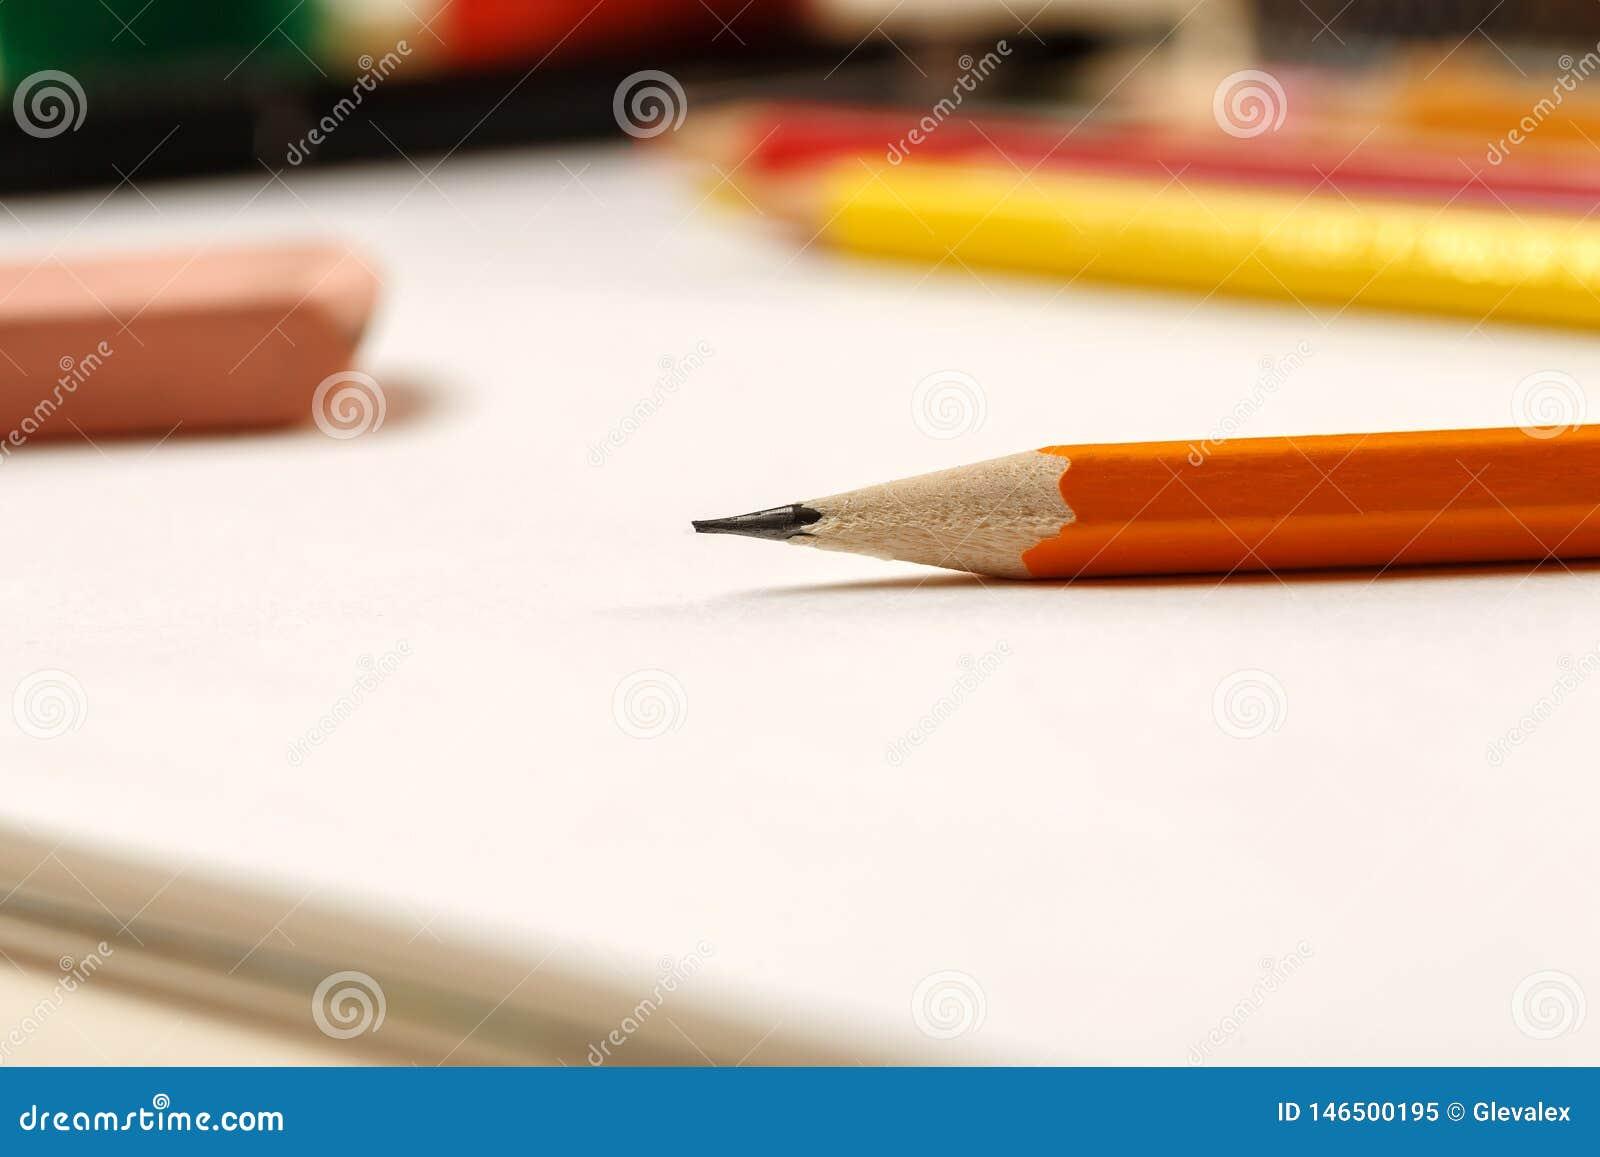 特写镜头被射击铅笔和橡皮擦在一张白色空白的纸片